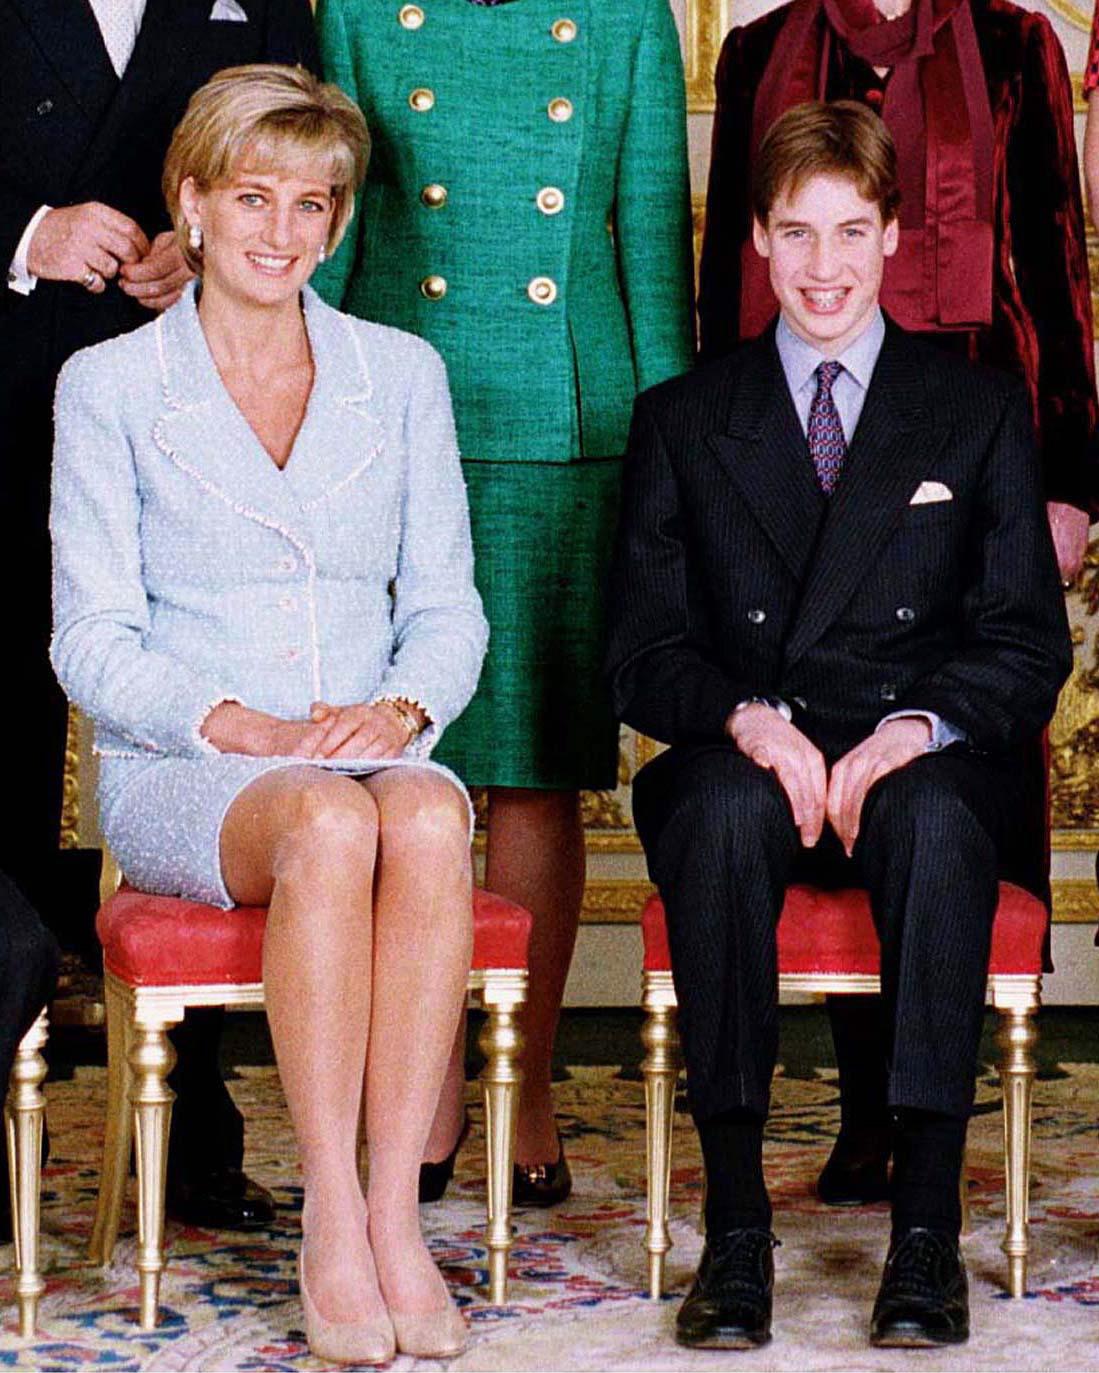 Prince William et Princesse Diana- WINDSOR, ROYAUME-UNI - 09 MARS : Le Prince William lors de la confirmation avec le Prince Charles et la Princesse Diana au Château de Windsor (Photo par Tim Graham Picture Library/Getty Images)